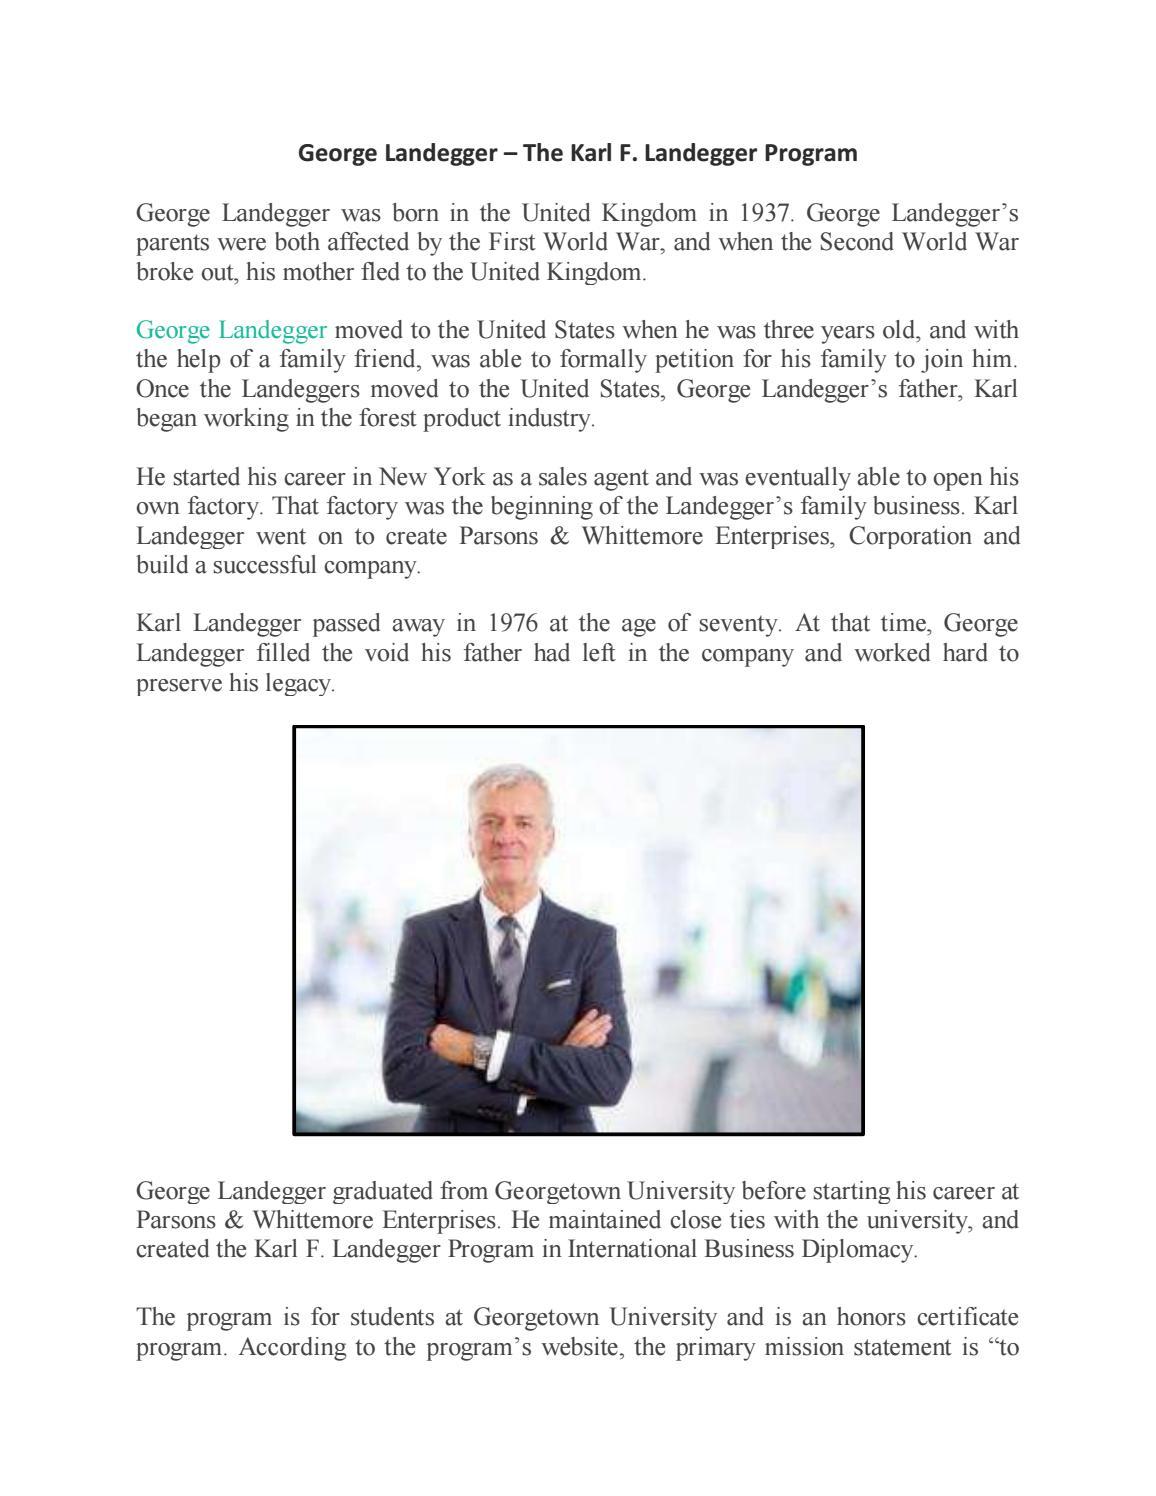 George Landegger The Karl F Landegger Program By George Landegger